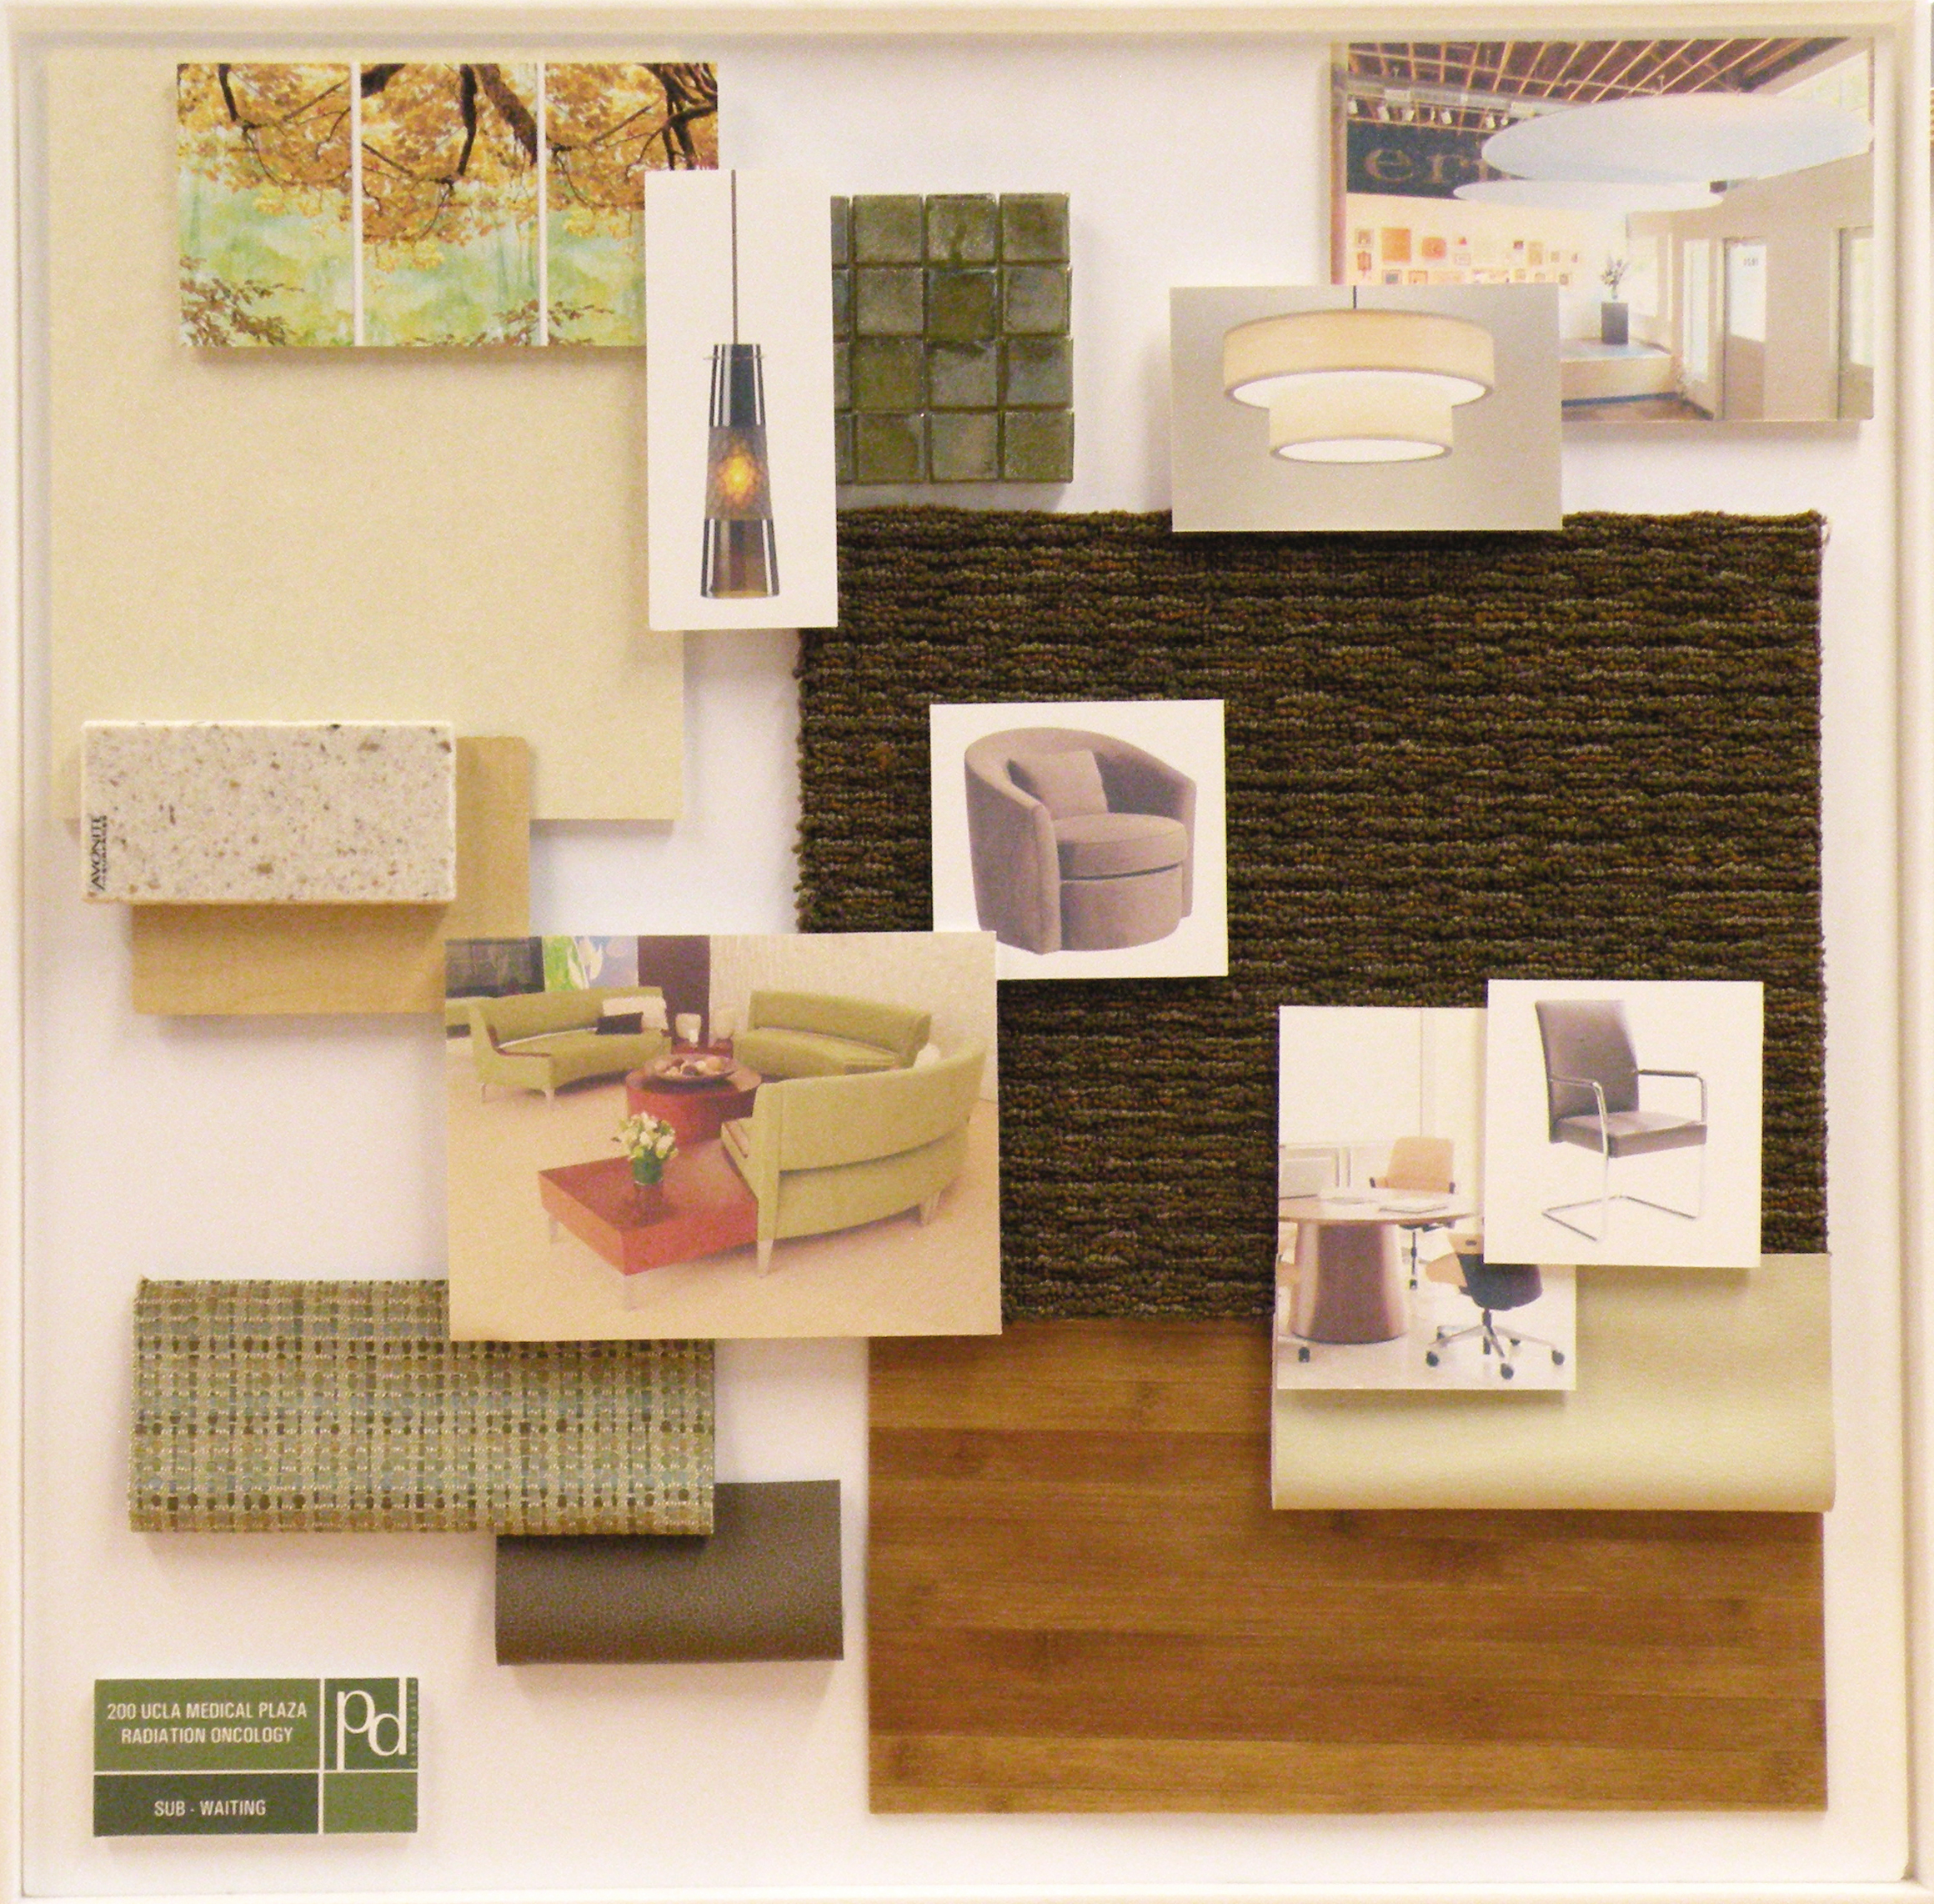 Reception/Check-in Material Board